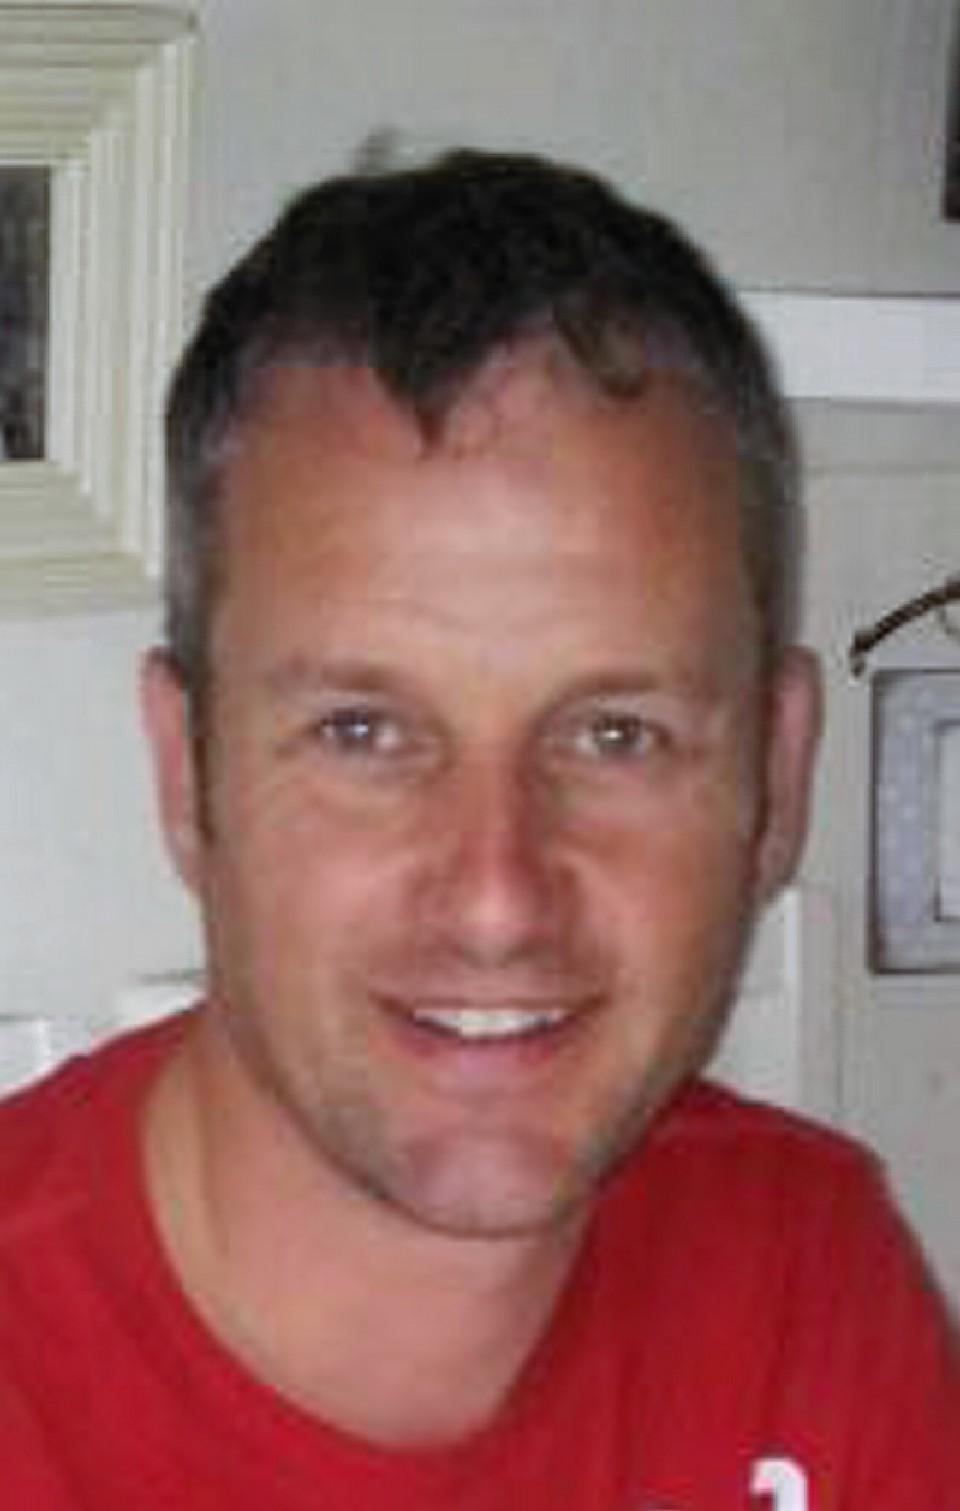 Paul Aitchison